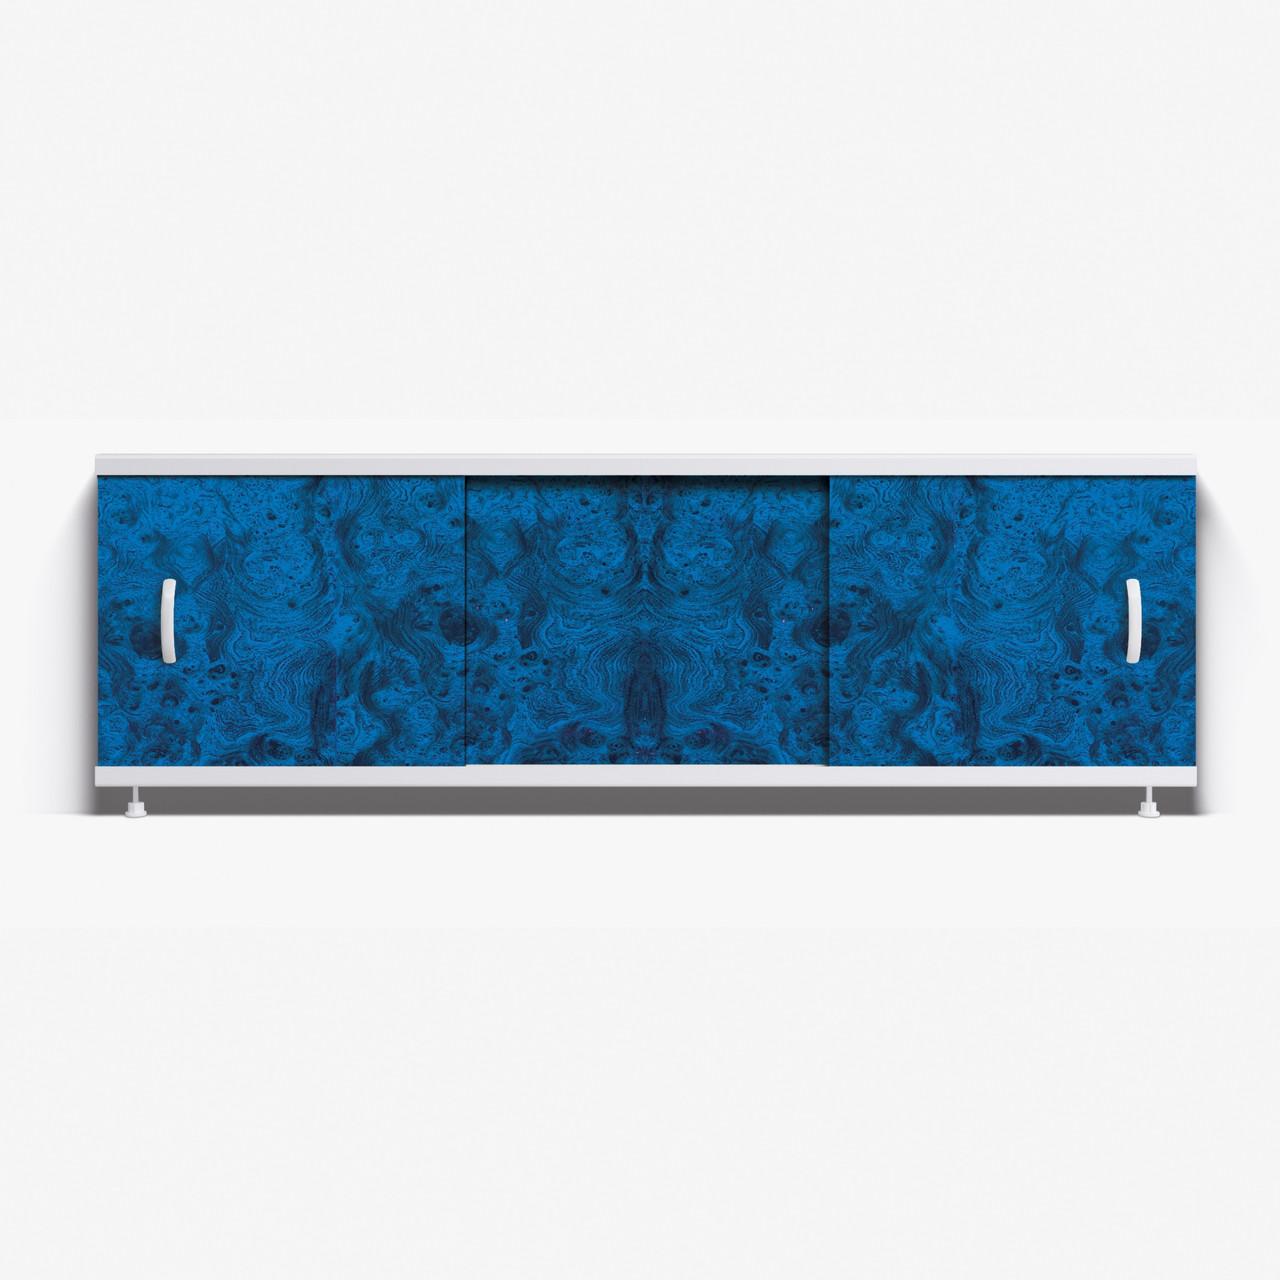 Панель для ванны Alavann Престиж 1.5 м  НП // 3Н-синий малахит